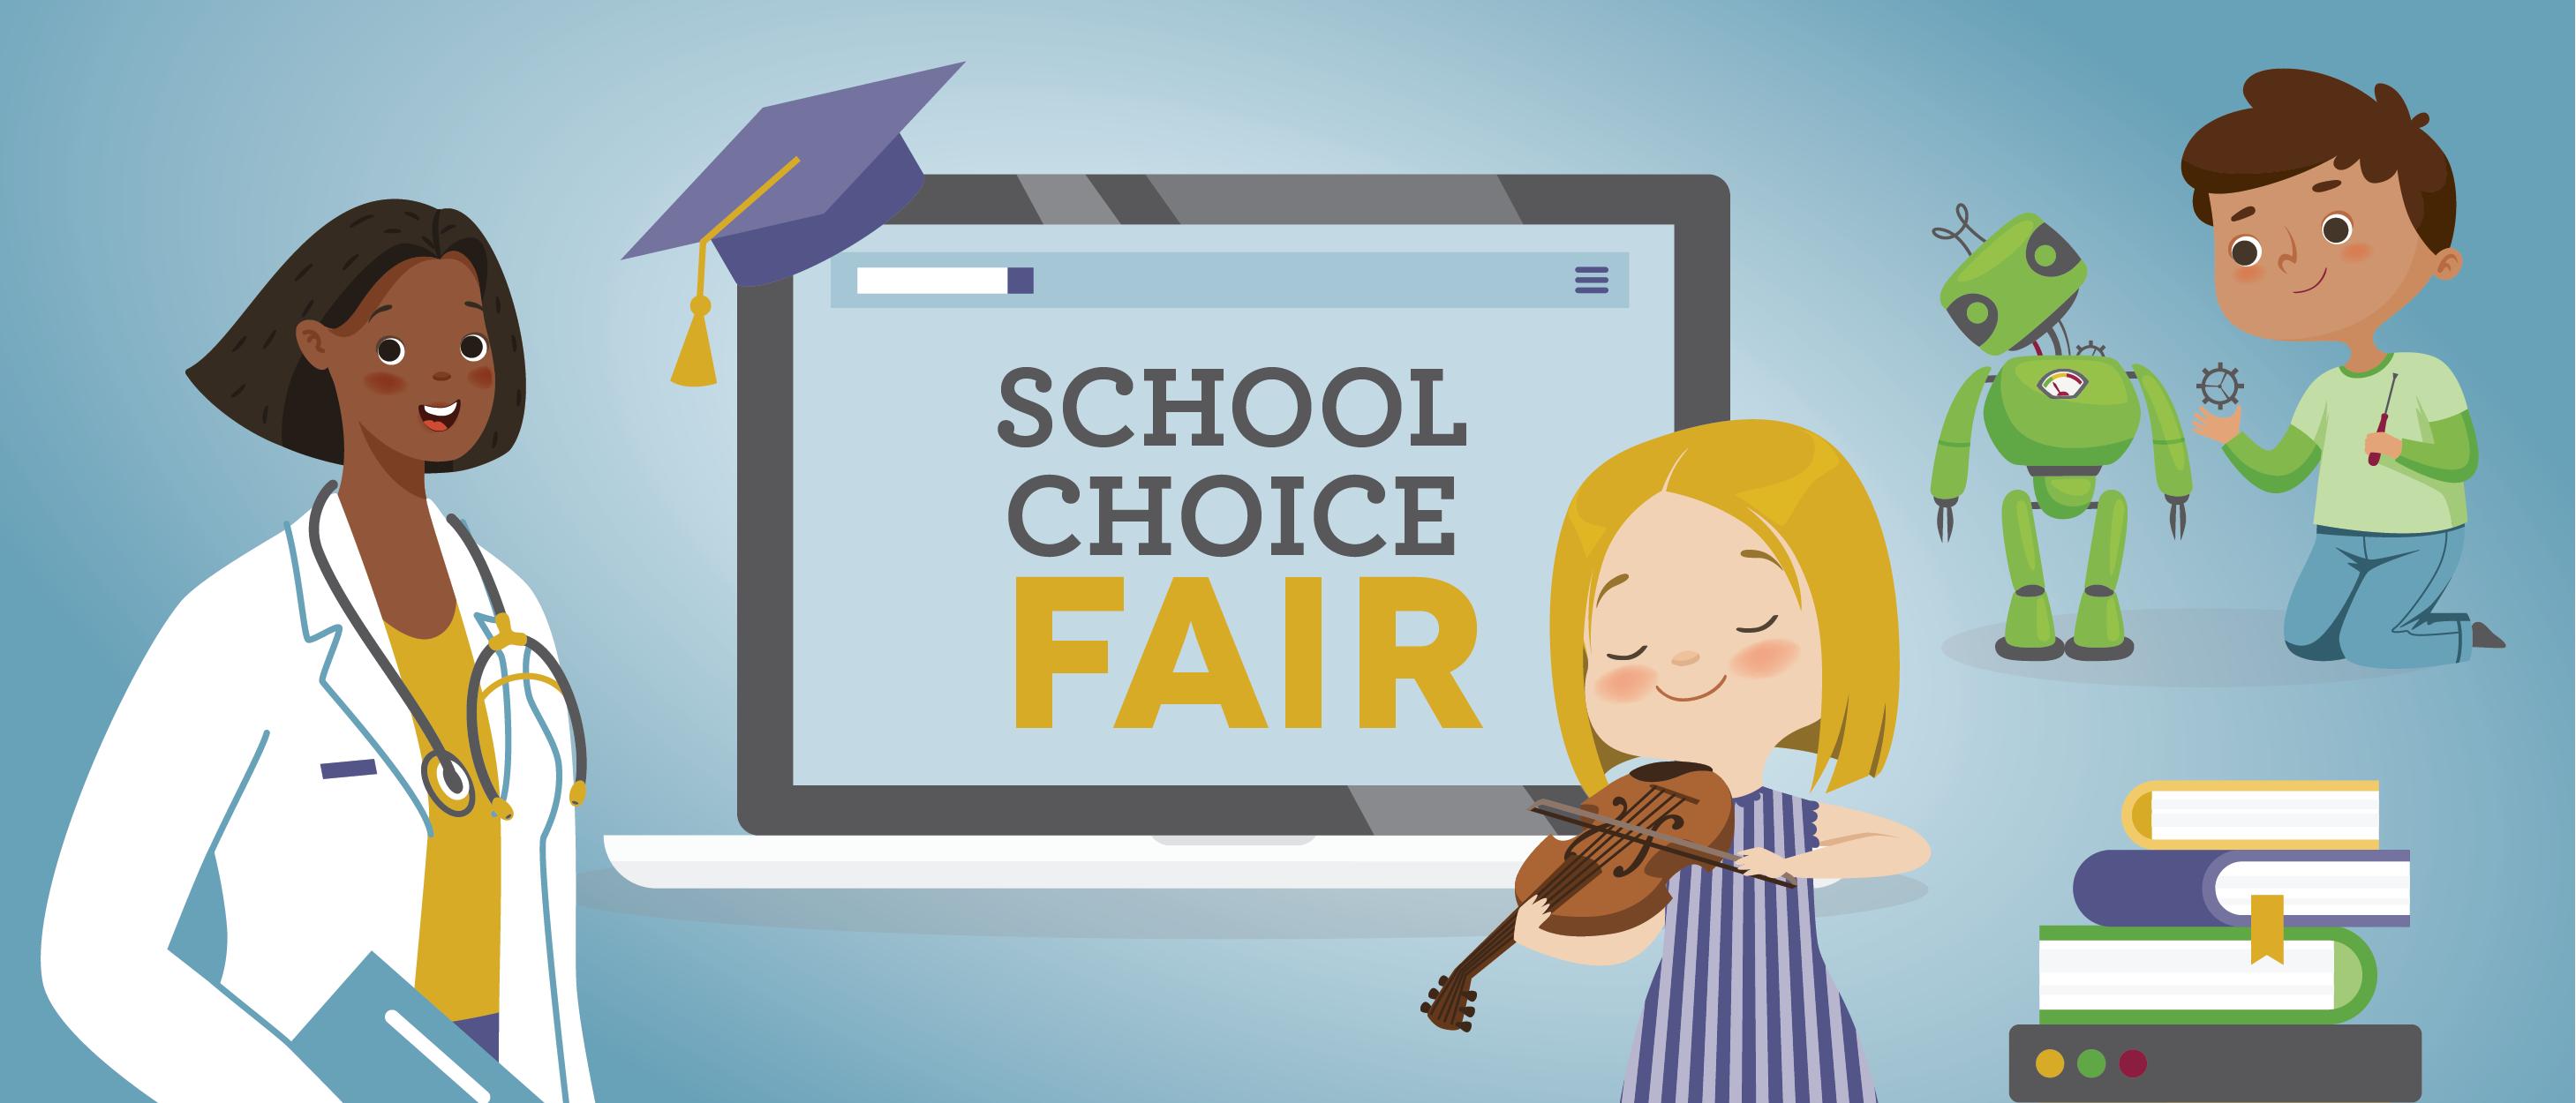 school choice fair